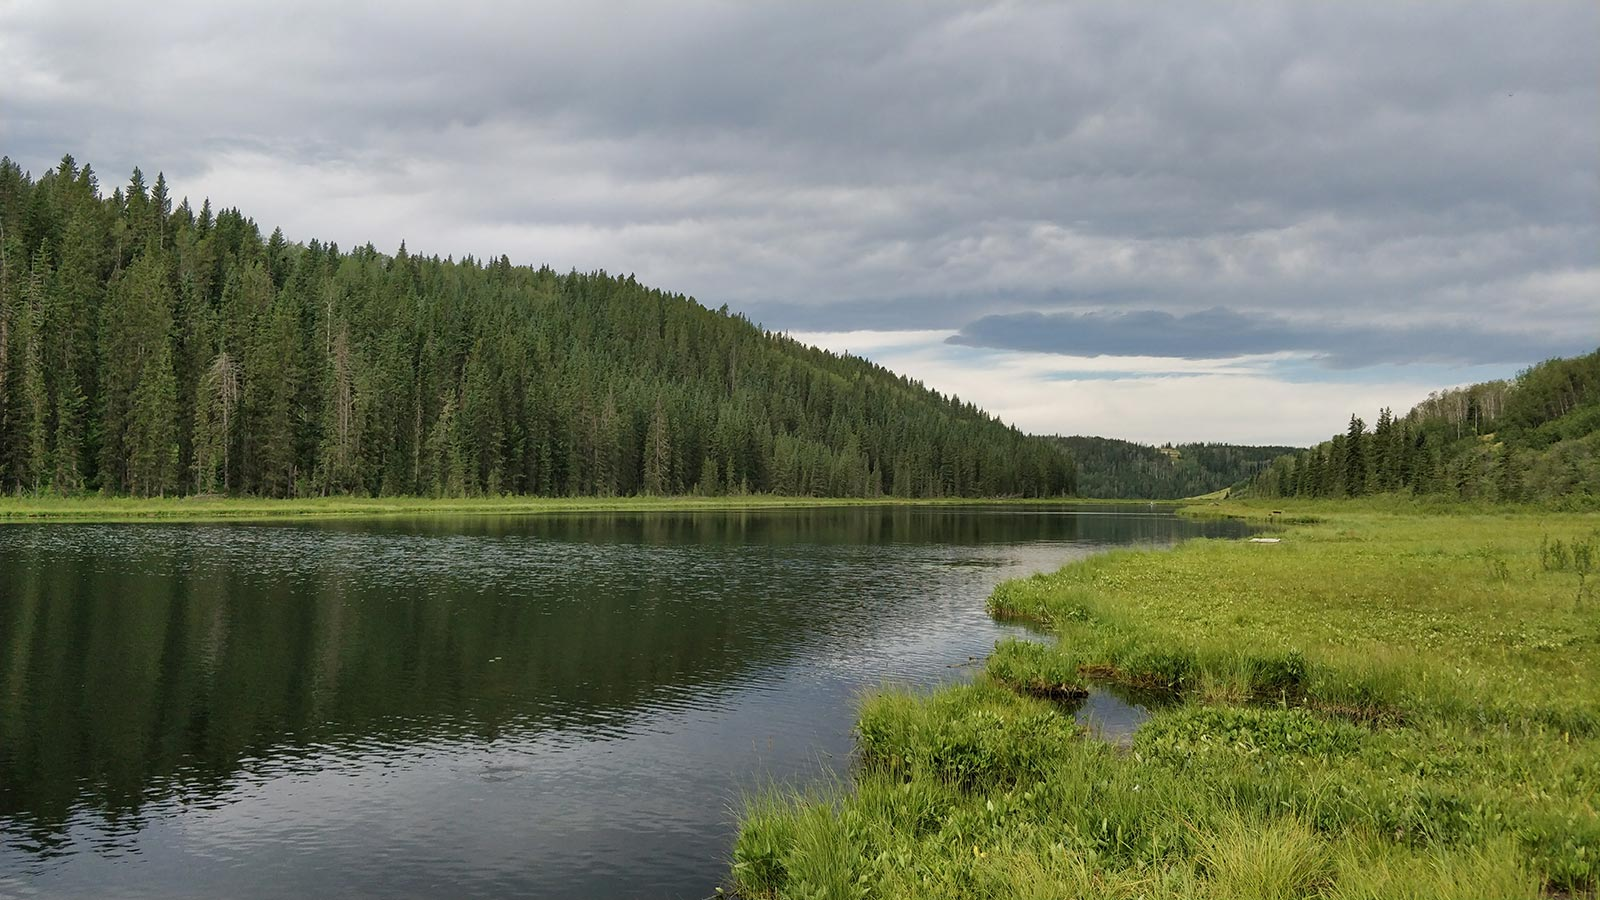 Winchell Lake Cloudy